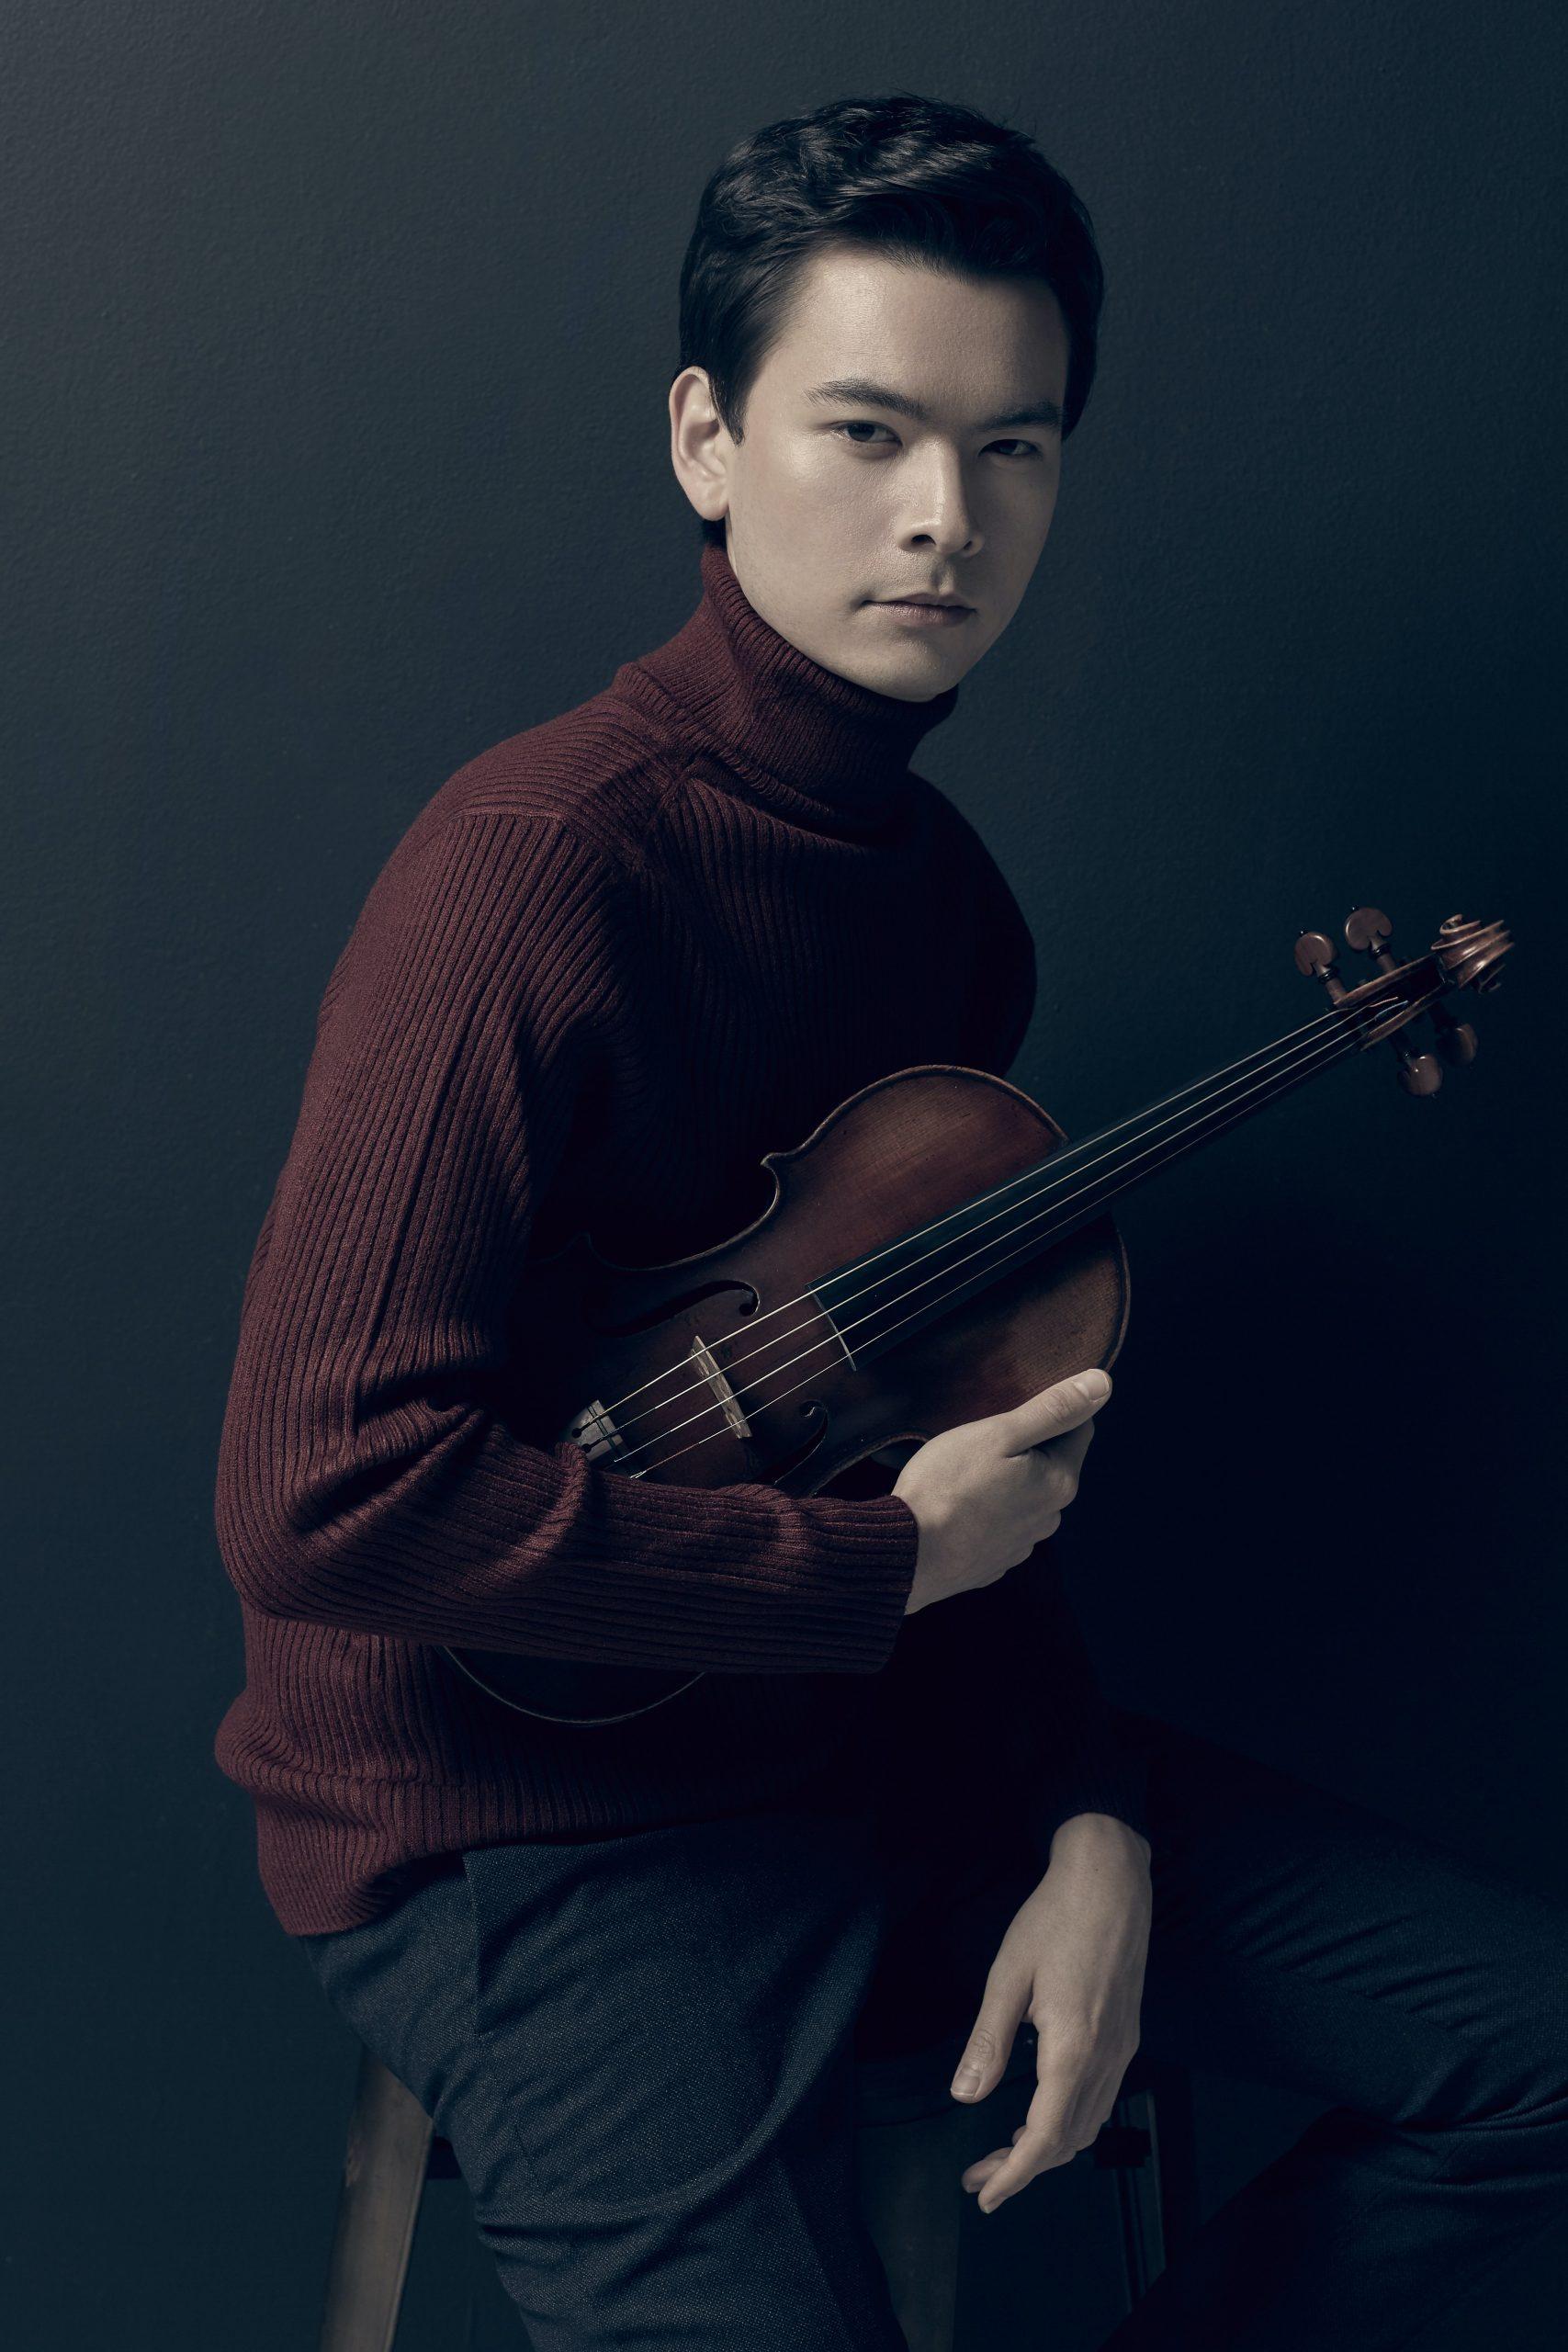 Stefan Jackiw, violin